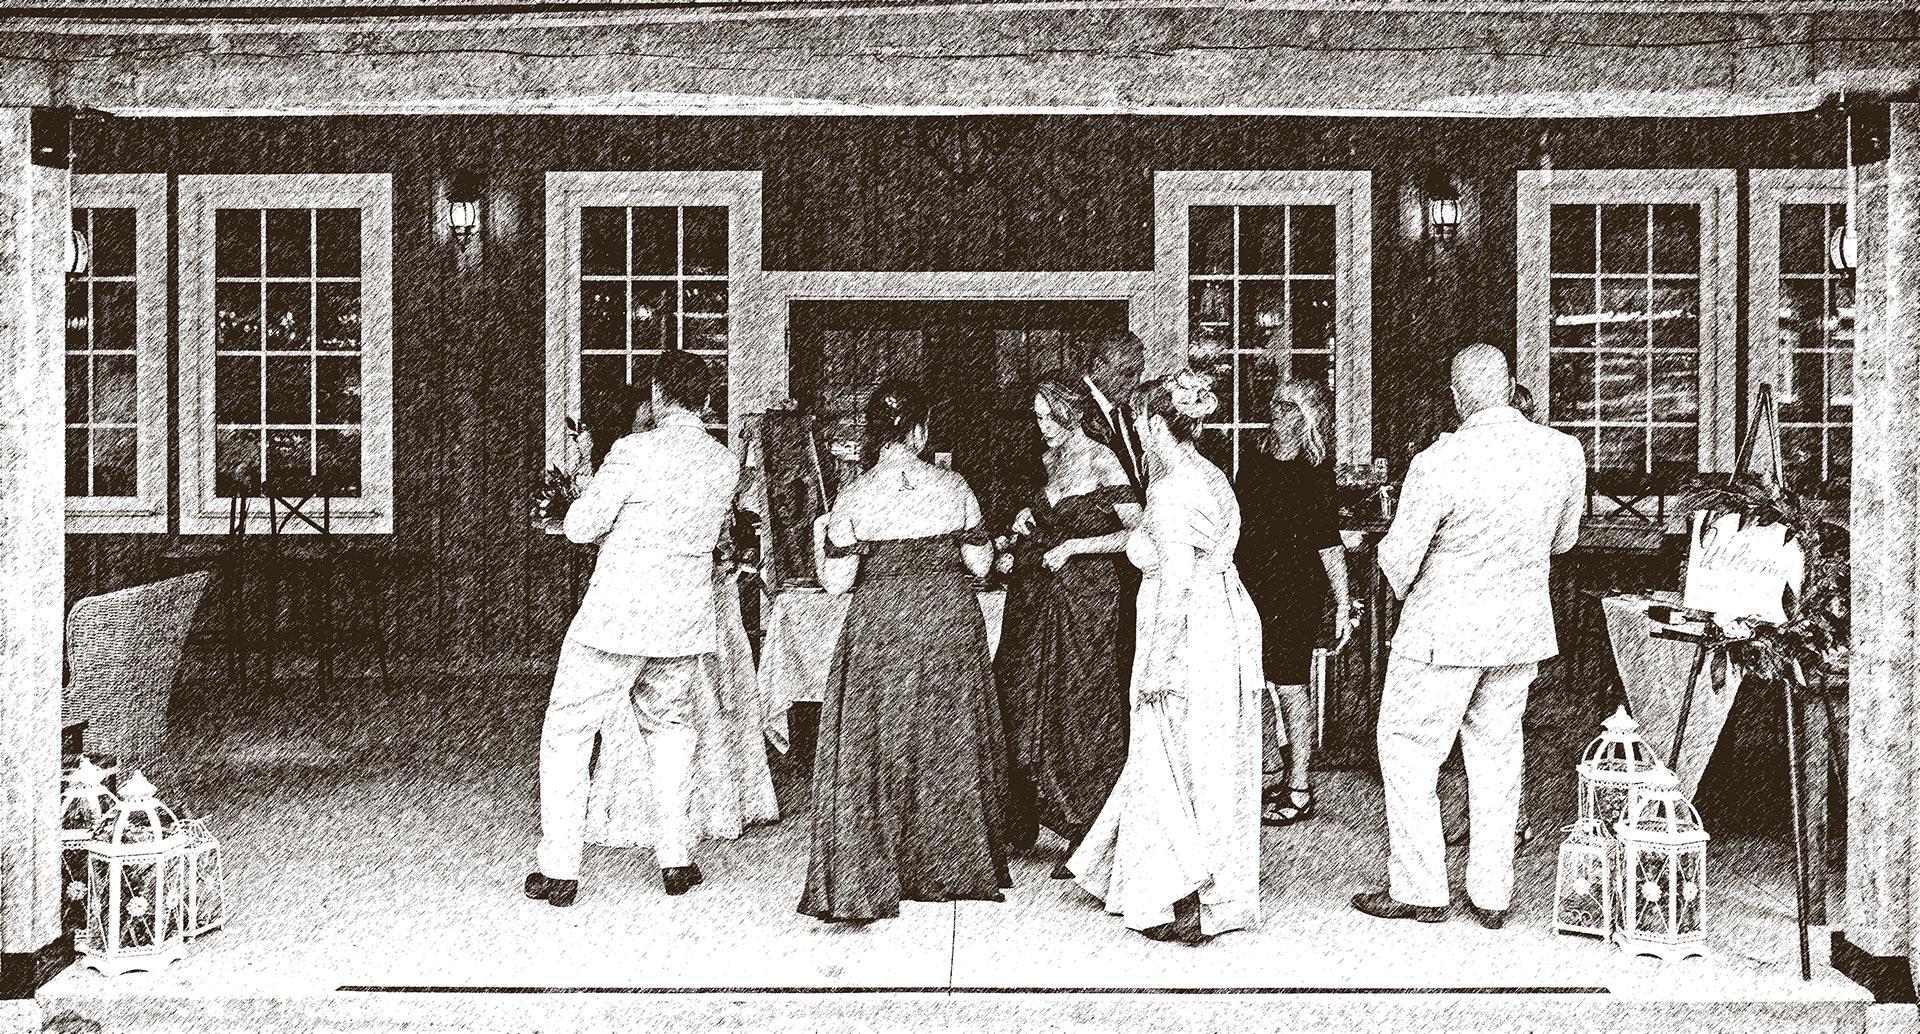 Group Dancing - Pen Sketch